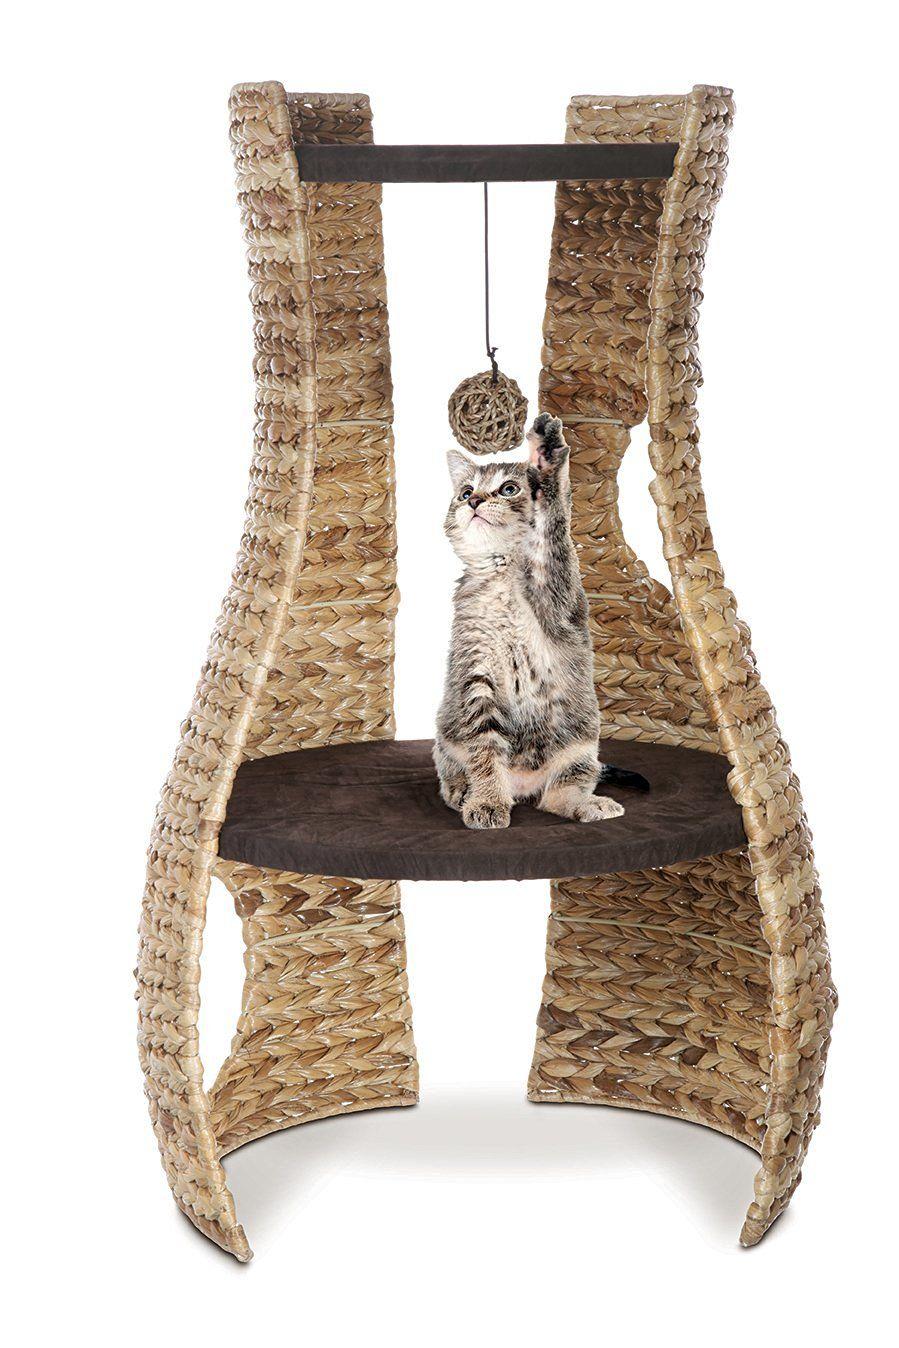 catit bananenblatt m bel katzenwelt zoodiscounter24 katzen katzen spielplatz und hundezwinger. Black Bedroom Furniture Sets. Home Design Ideas